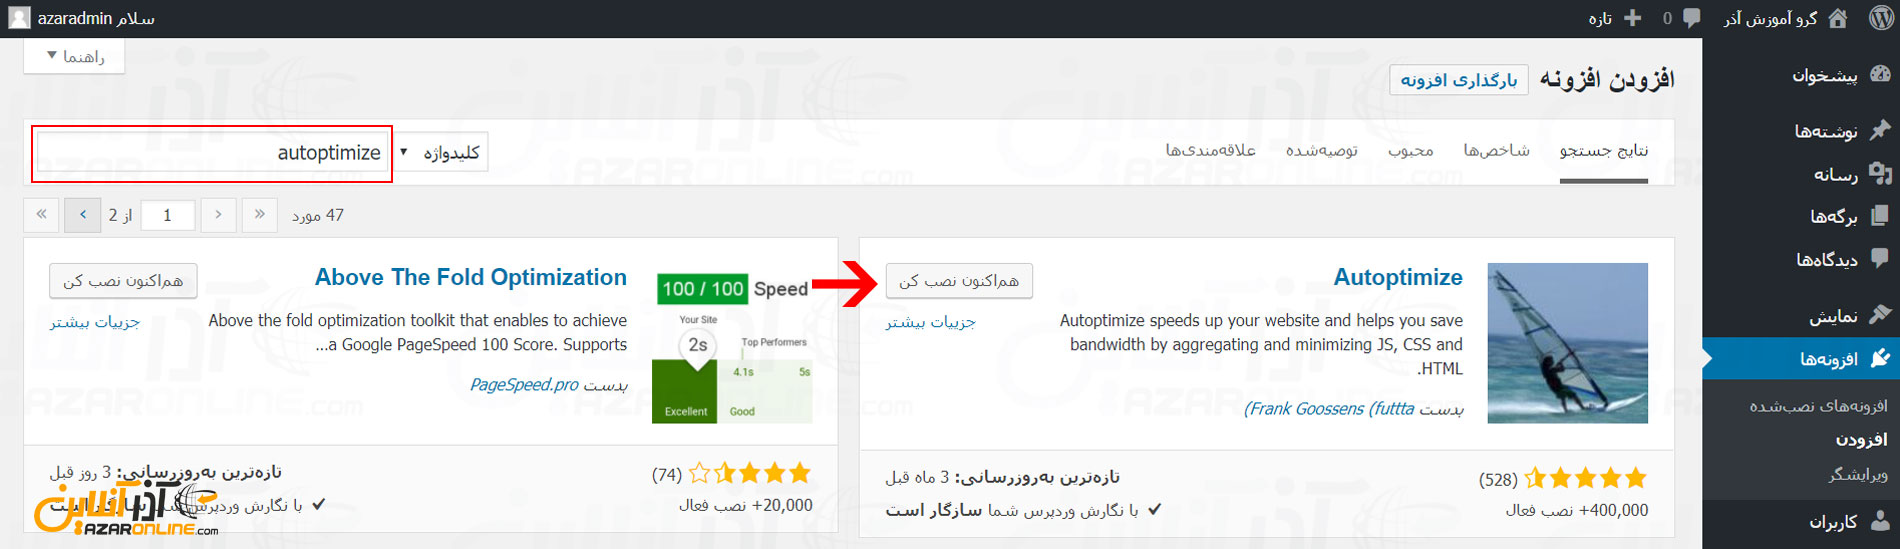 نصب افزونه autoptimize برای افزایش سرعت لود سایت وردپرس